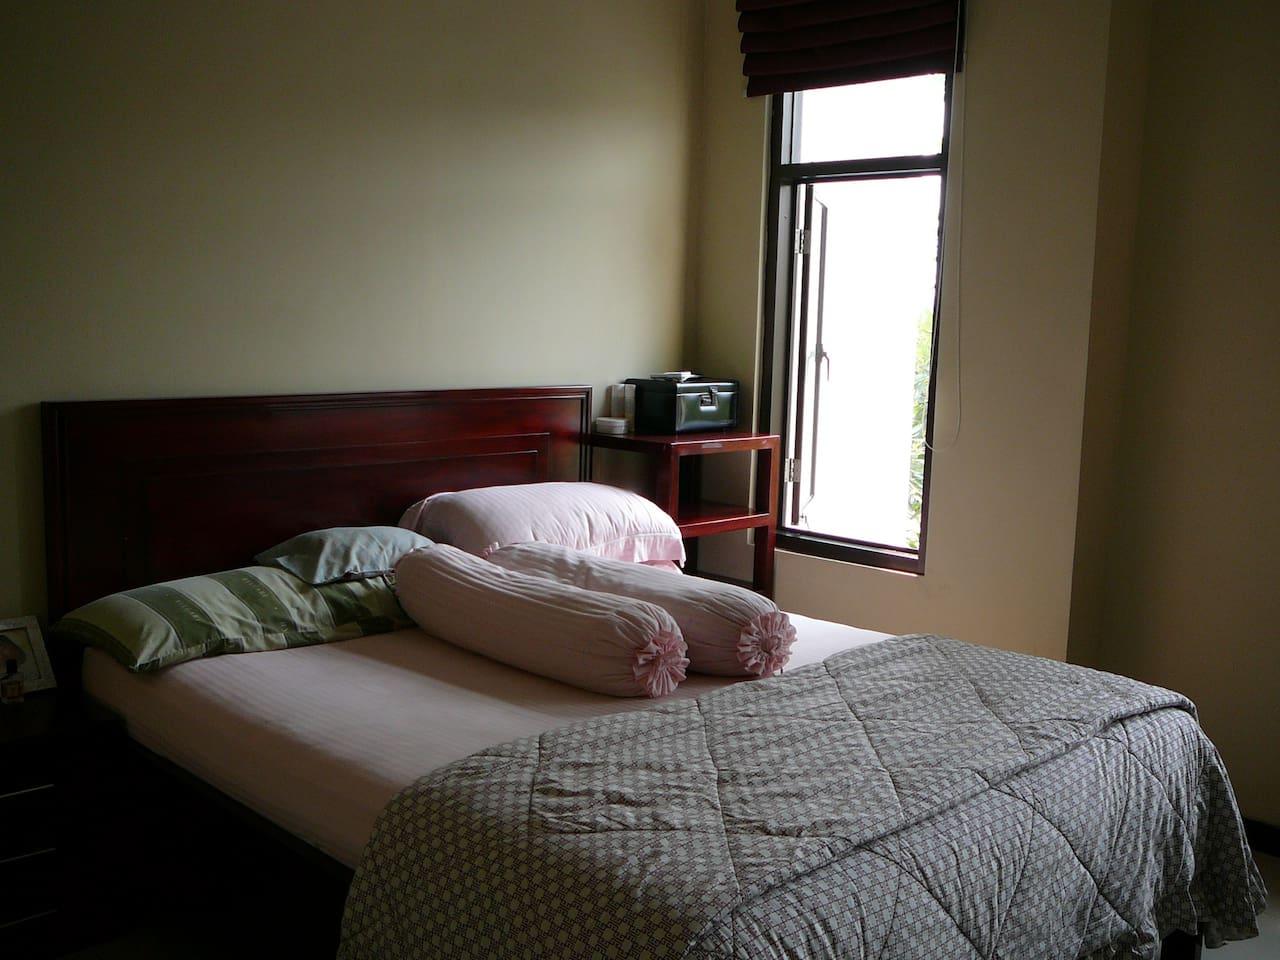 Room for rent in Surabaya